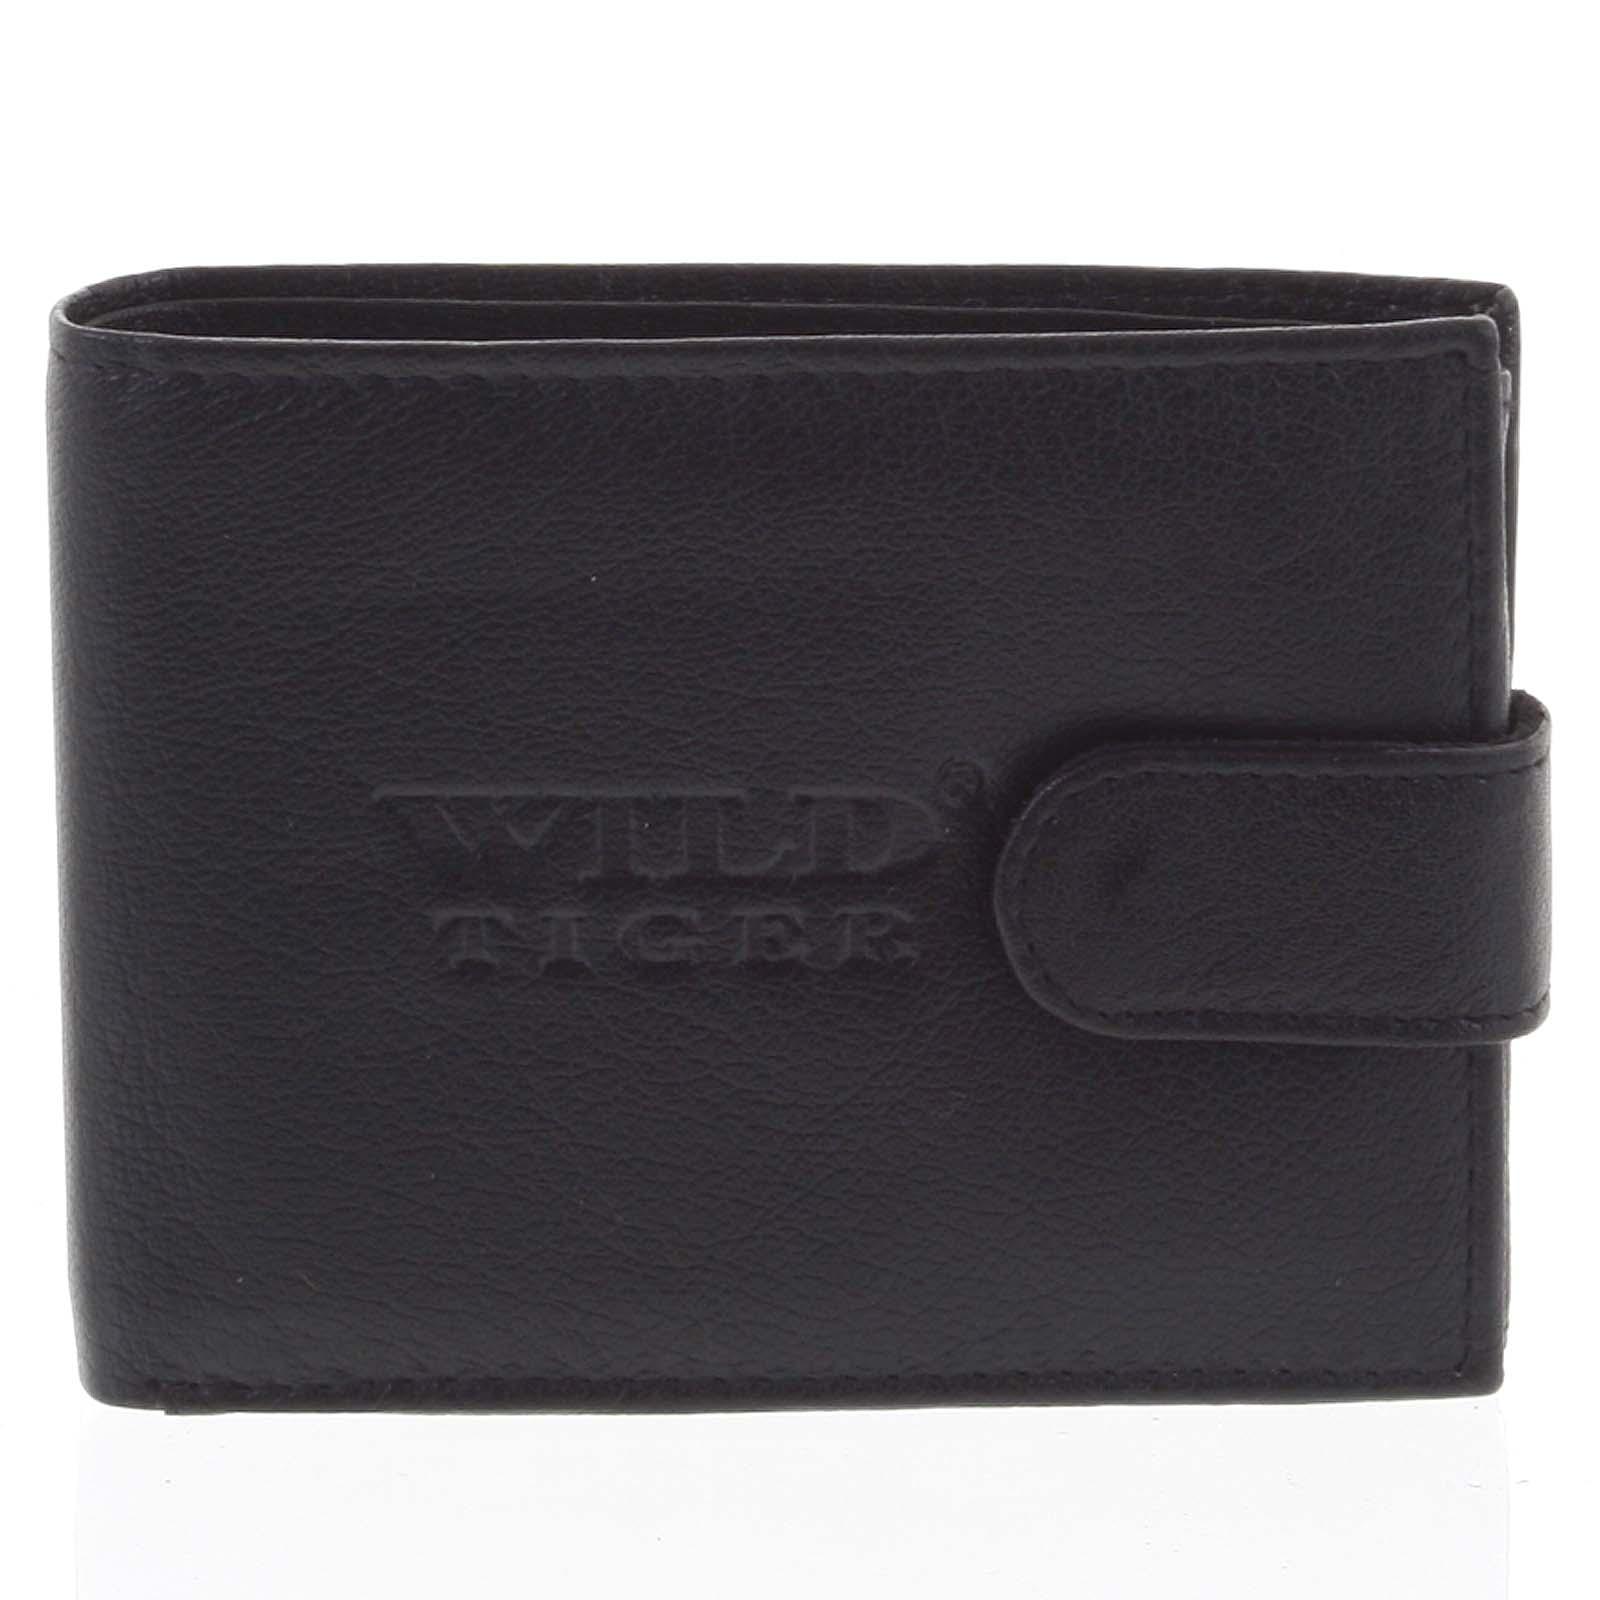 Pánska kožená peňaženka čierna - WILD Nomm čierna